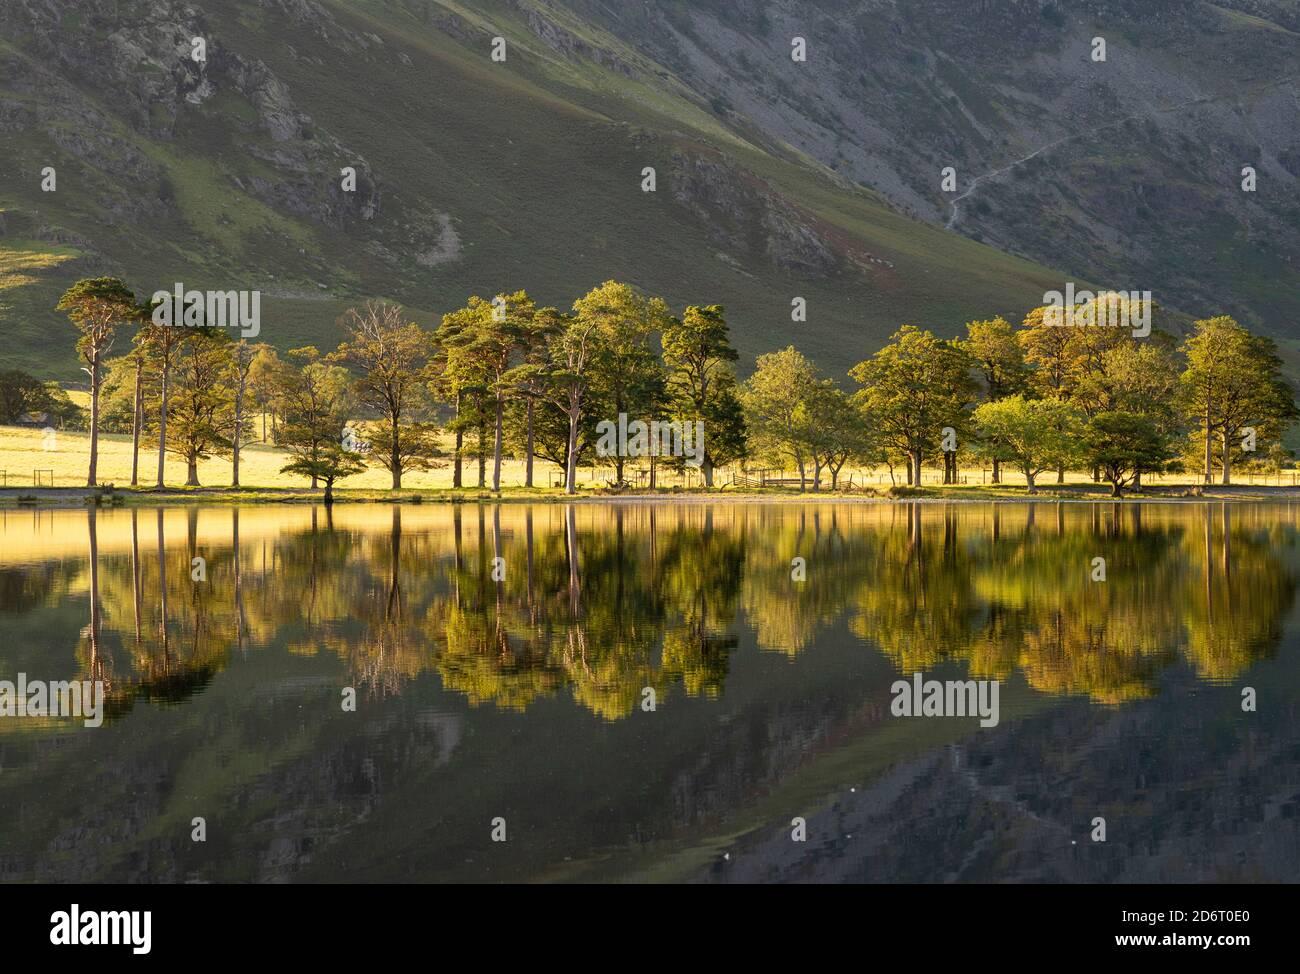 Été réflexions tôt le matin sur Buttermere dans le Lake District, Cumbria Angleterre Royaume-Uni Banque D'Images